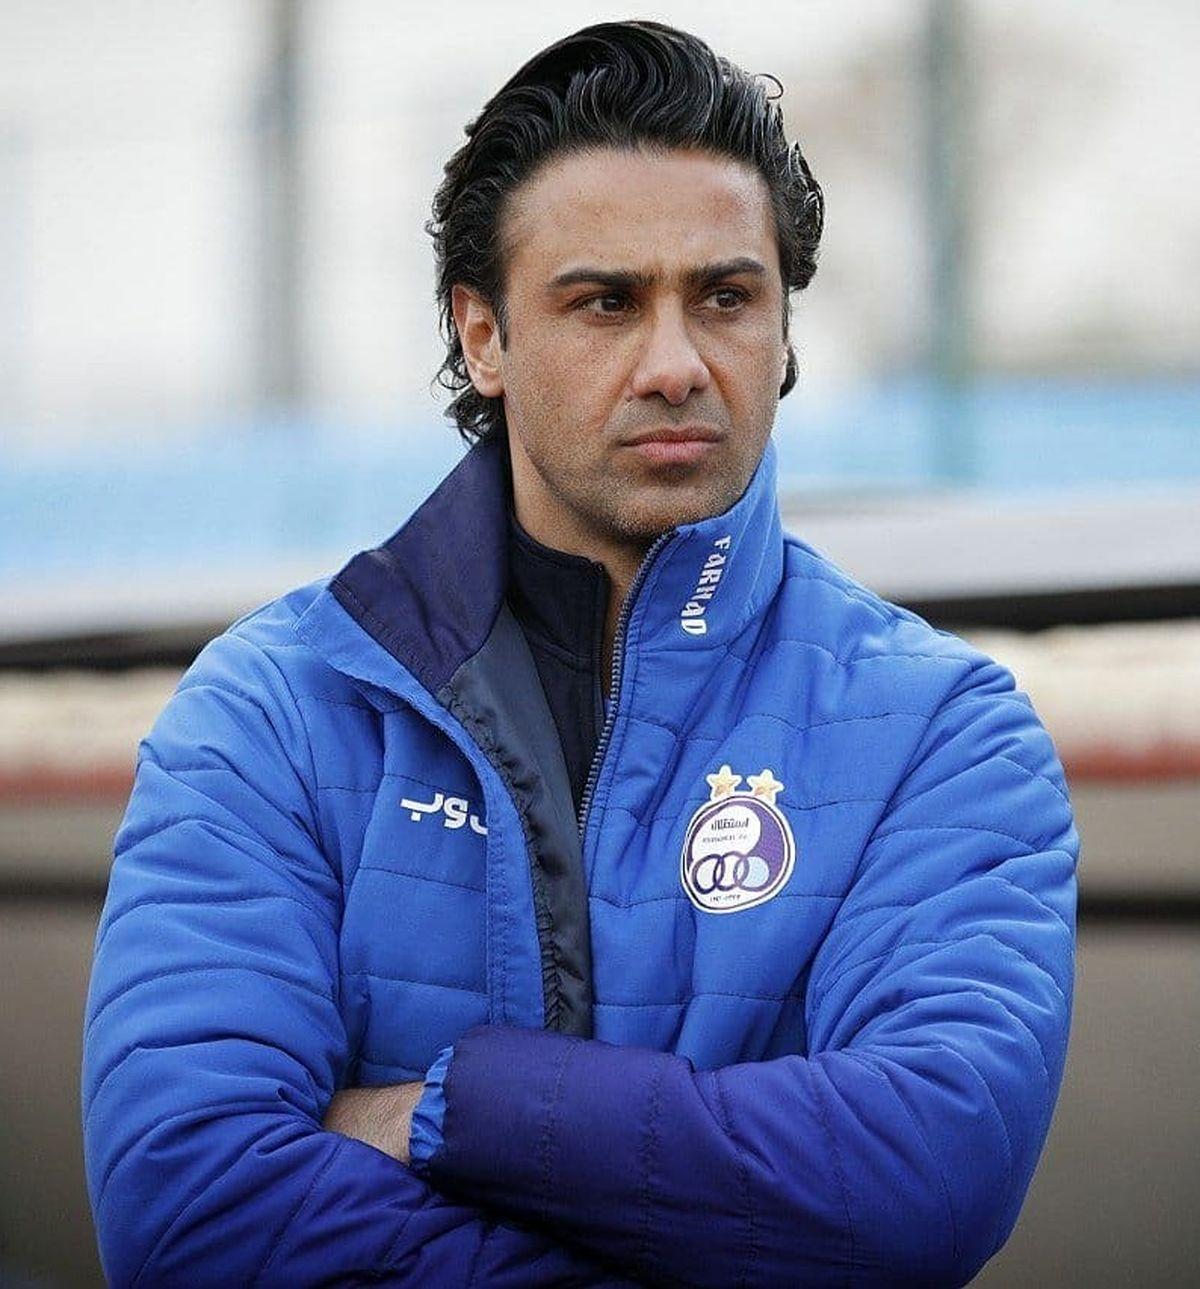 فرهاد مجیدی از فوتبال منع شد | جزئیات حکم فرهاد مجیدی